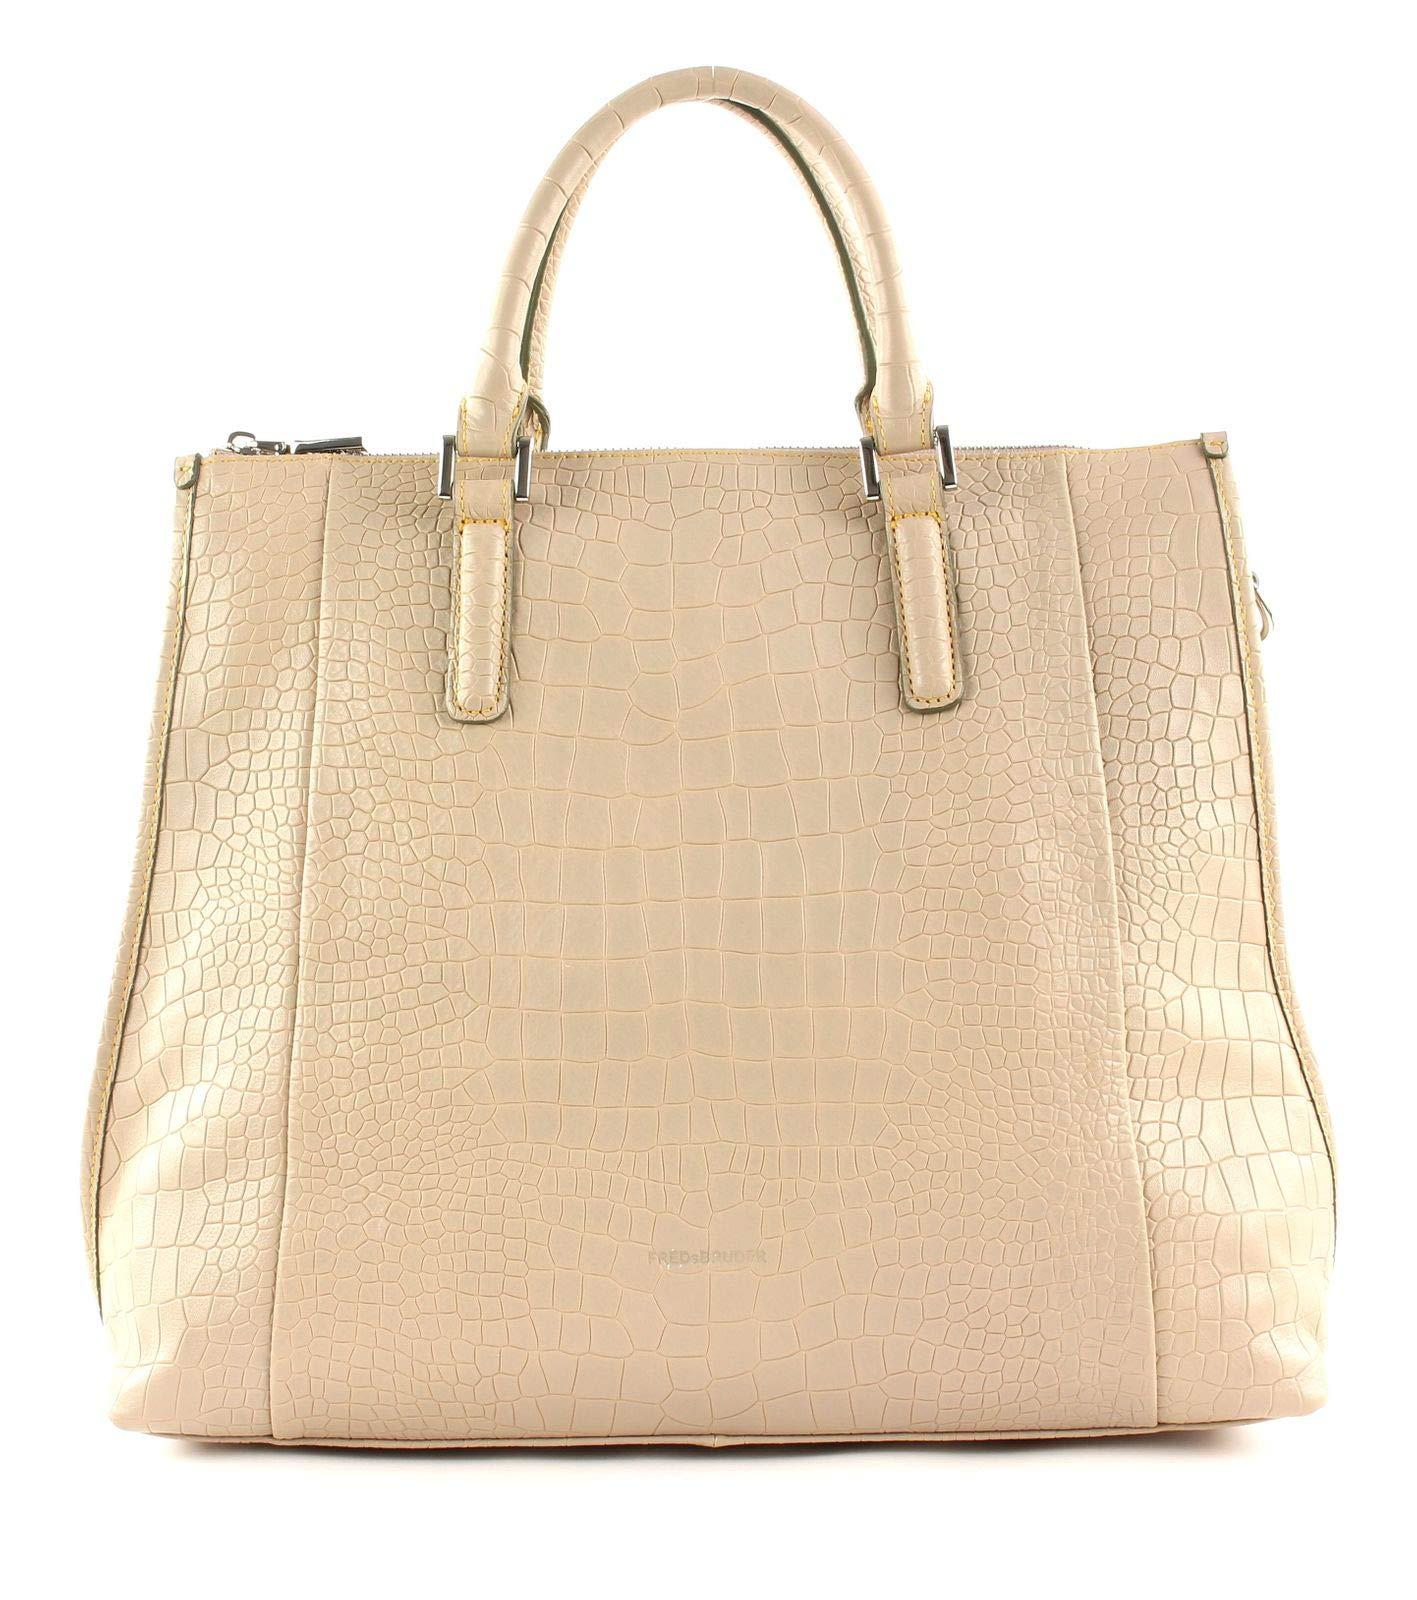 Seidenfelt Handtaschen Taschen MEGGY 188-01_08 beige Beige 0e28Z